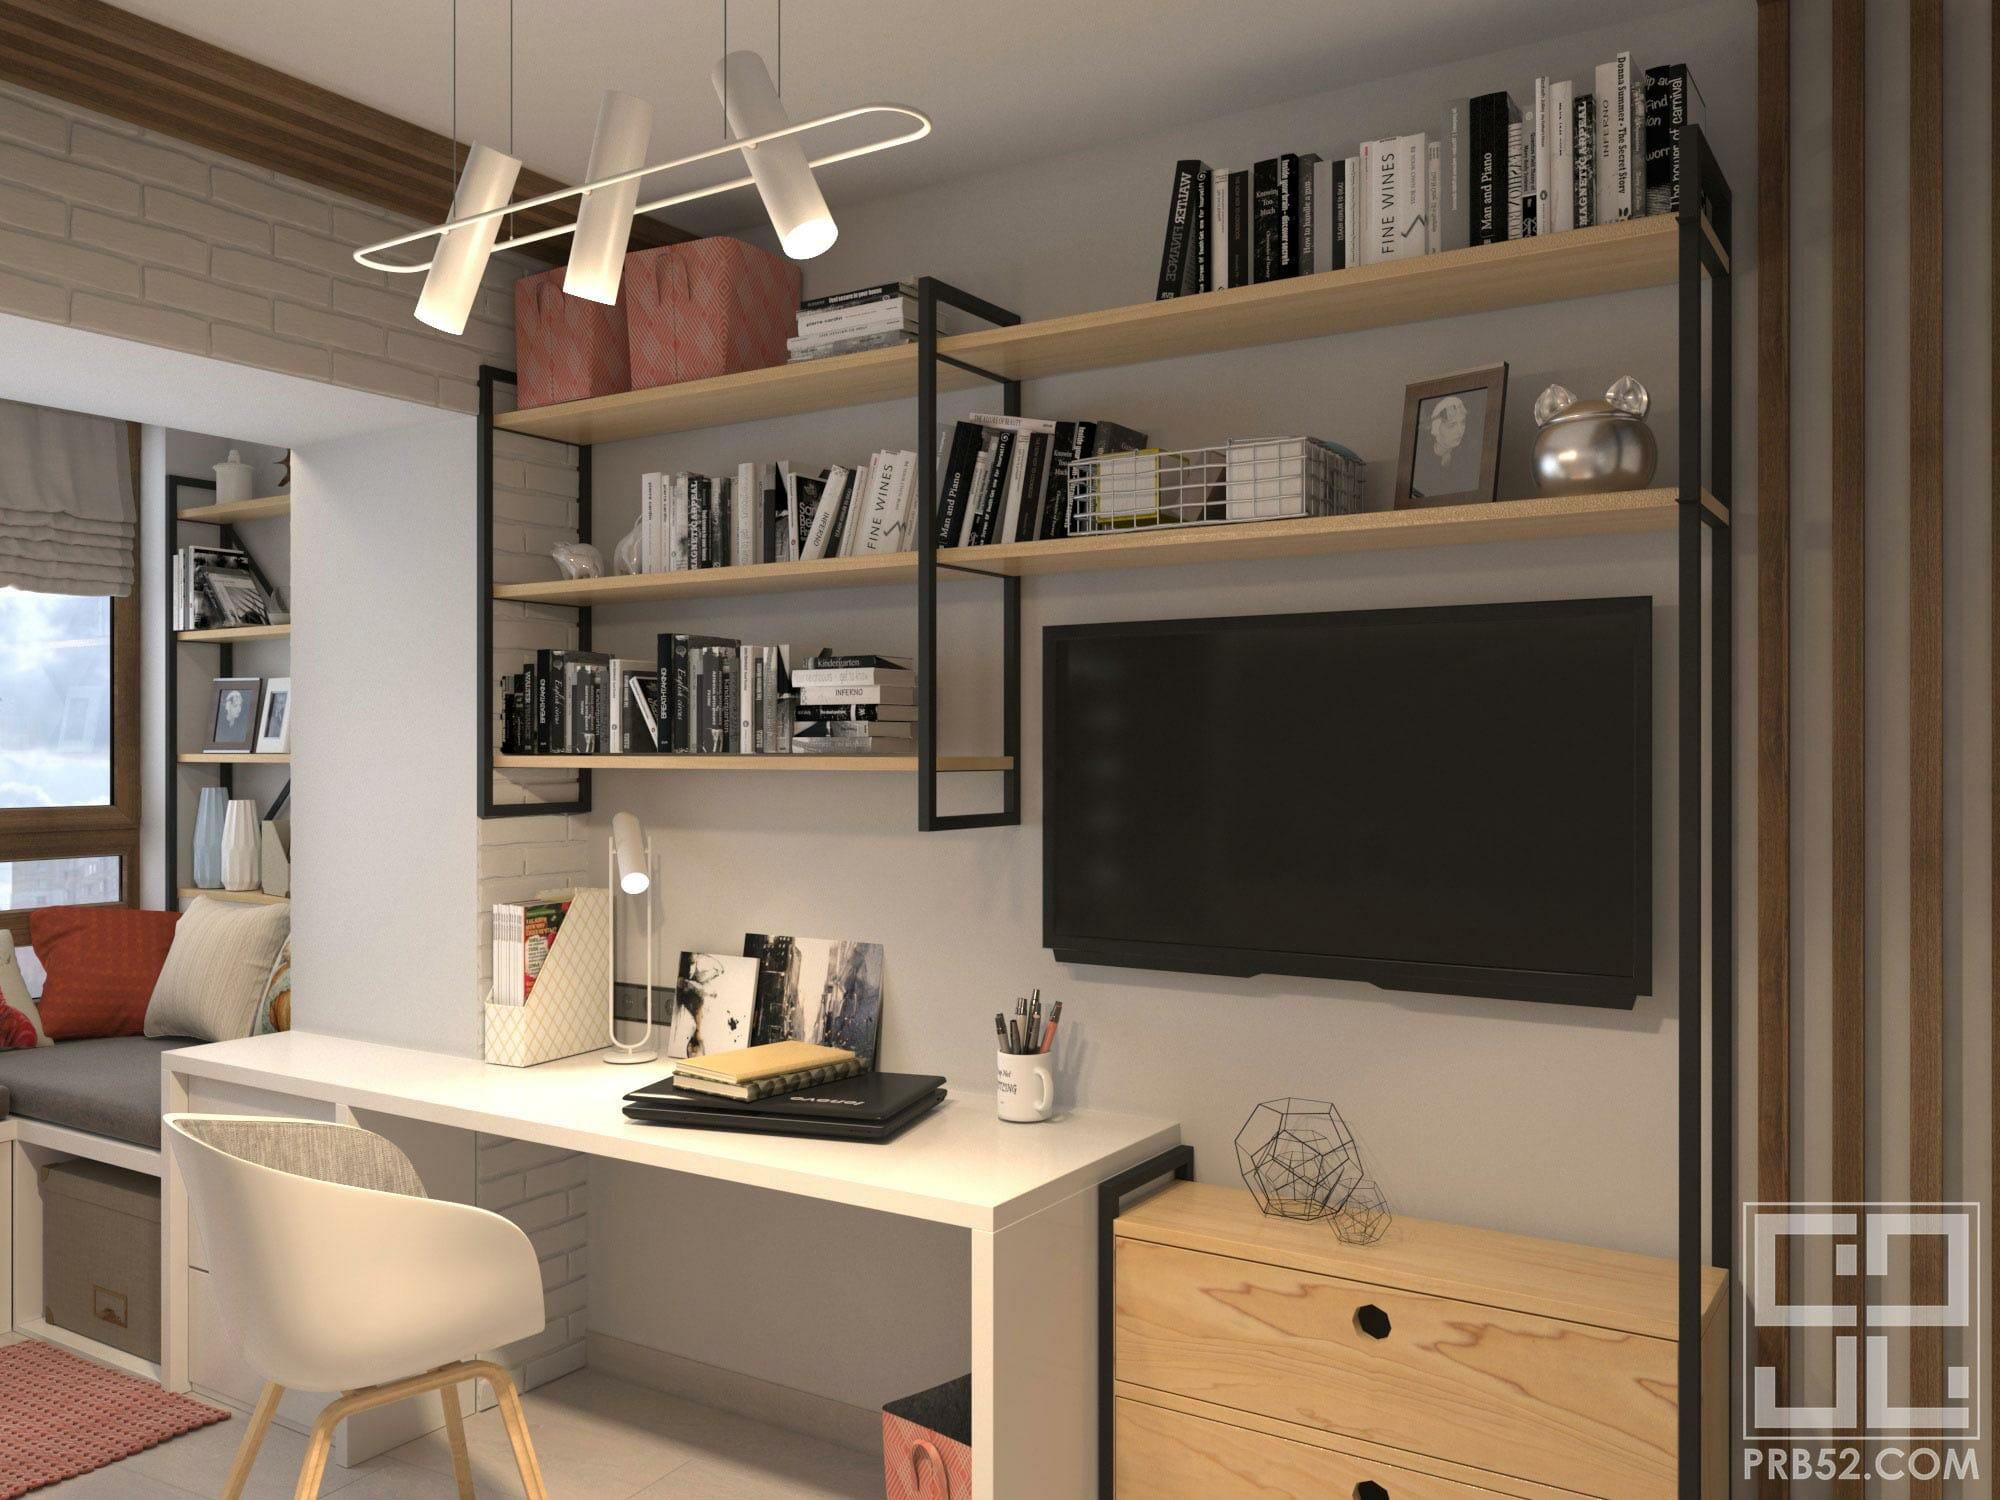 дизайн интерьера детской комнаты подростка рабочее место